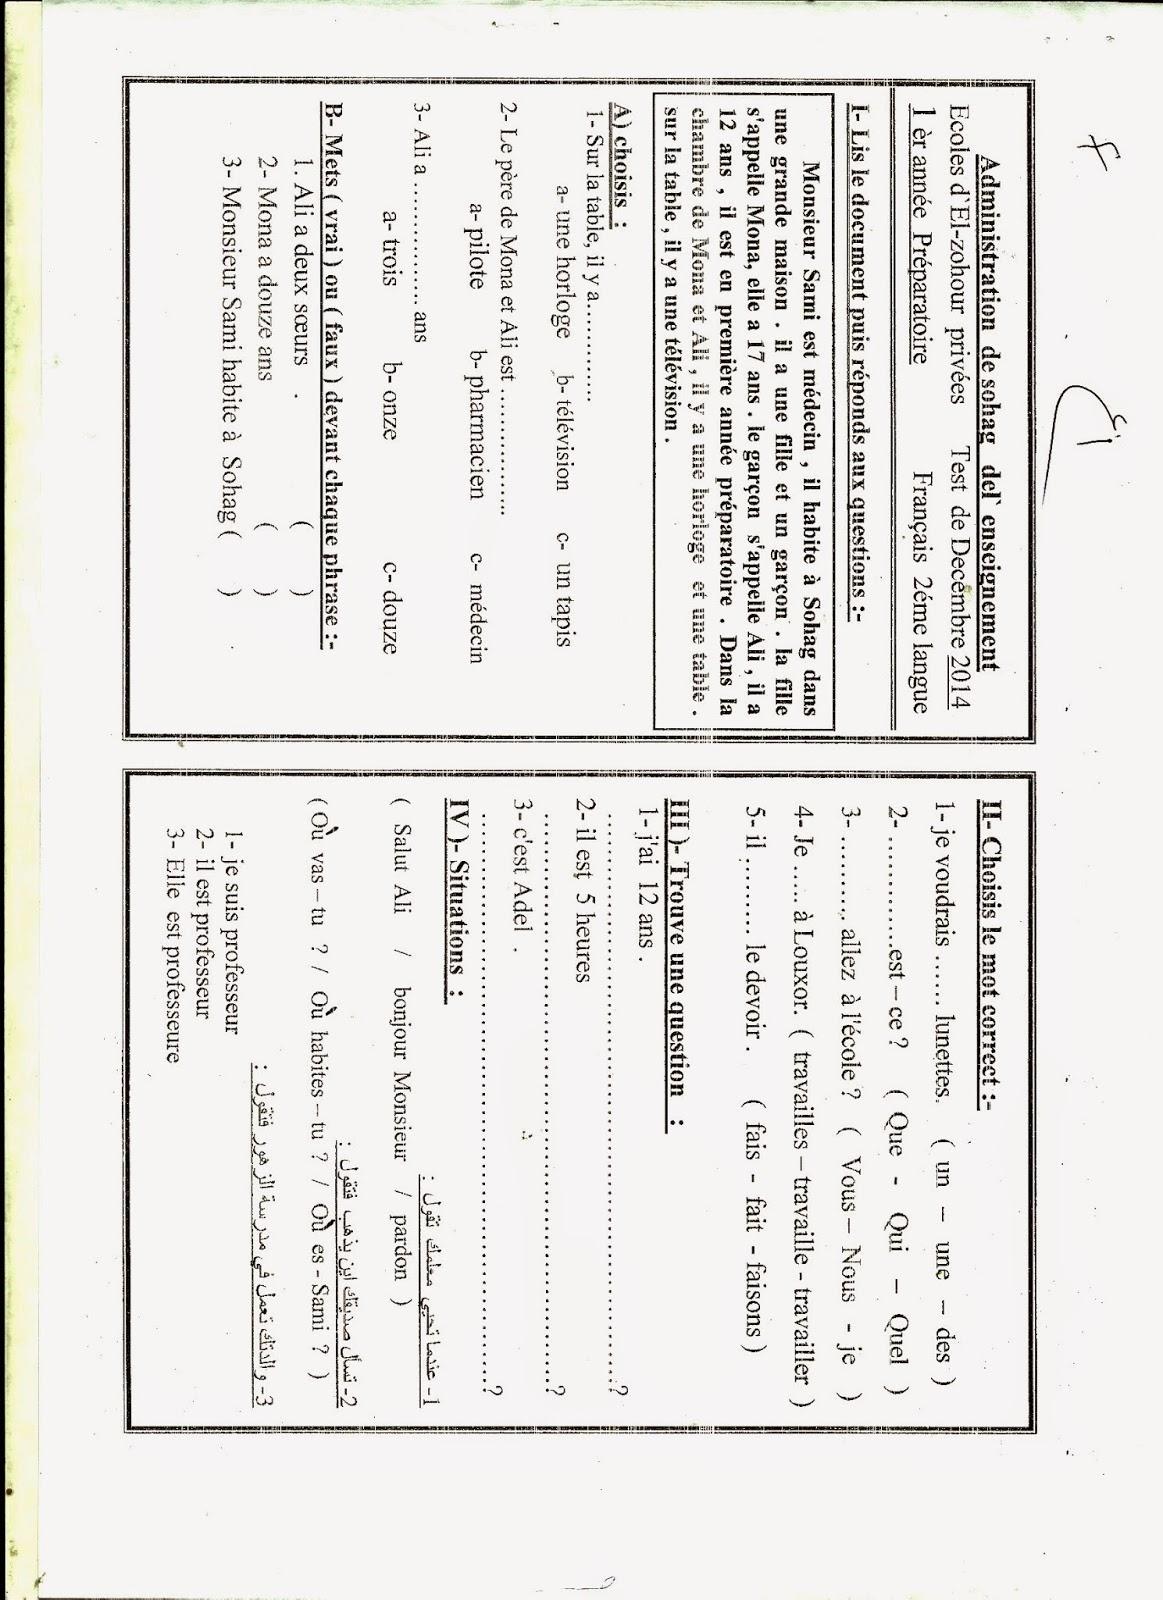 امتحانات لغة فرنسية – كل فرق إعدادى 2015 منهاج مصر 1ع2.jpg